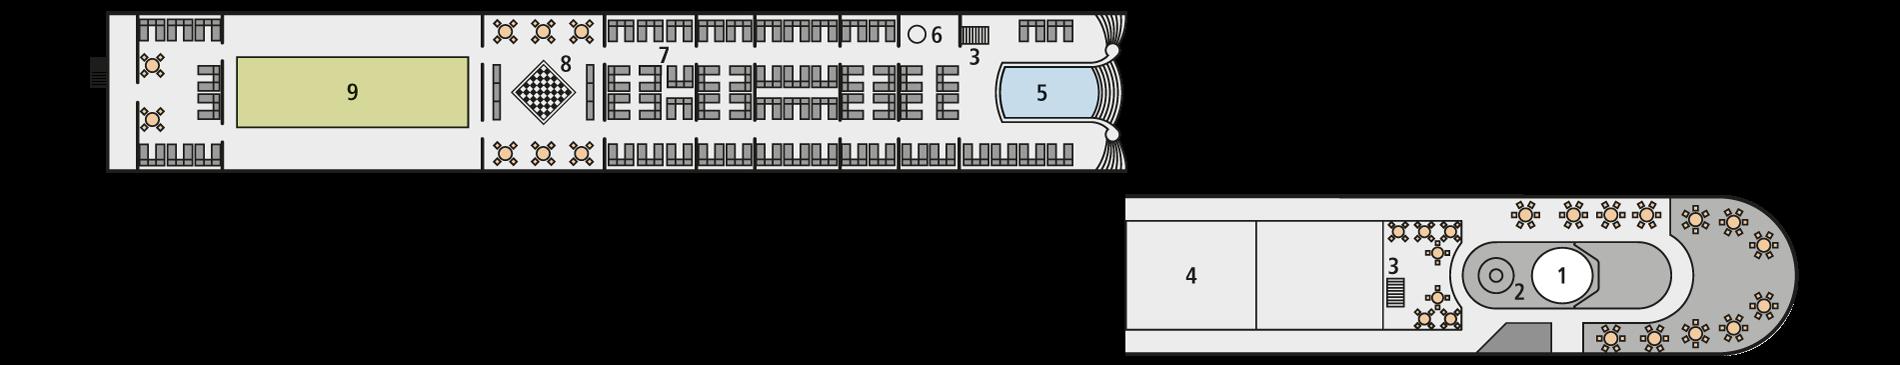 A-ROSA SILVA Deck 4